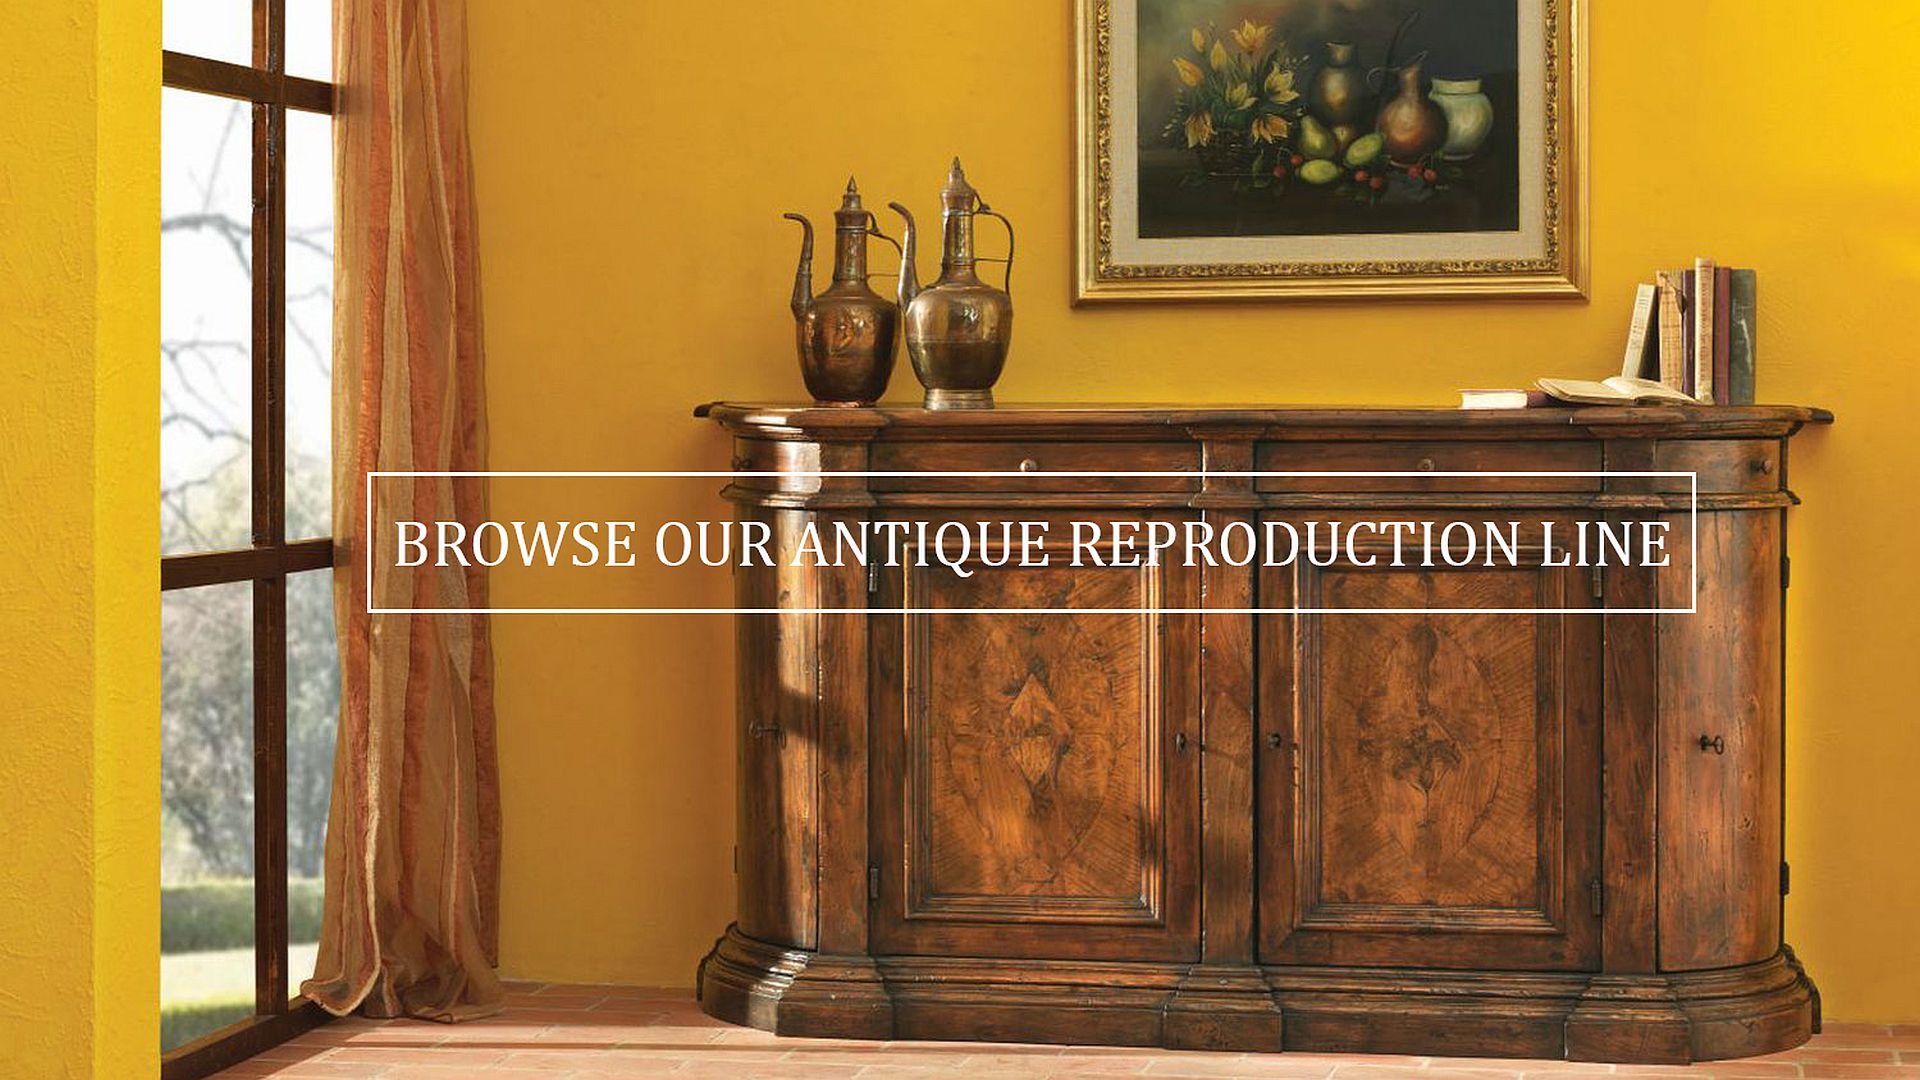 Antiquereproduction-risize.jpg